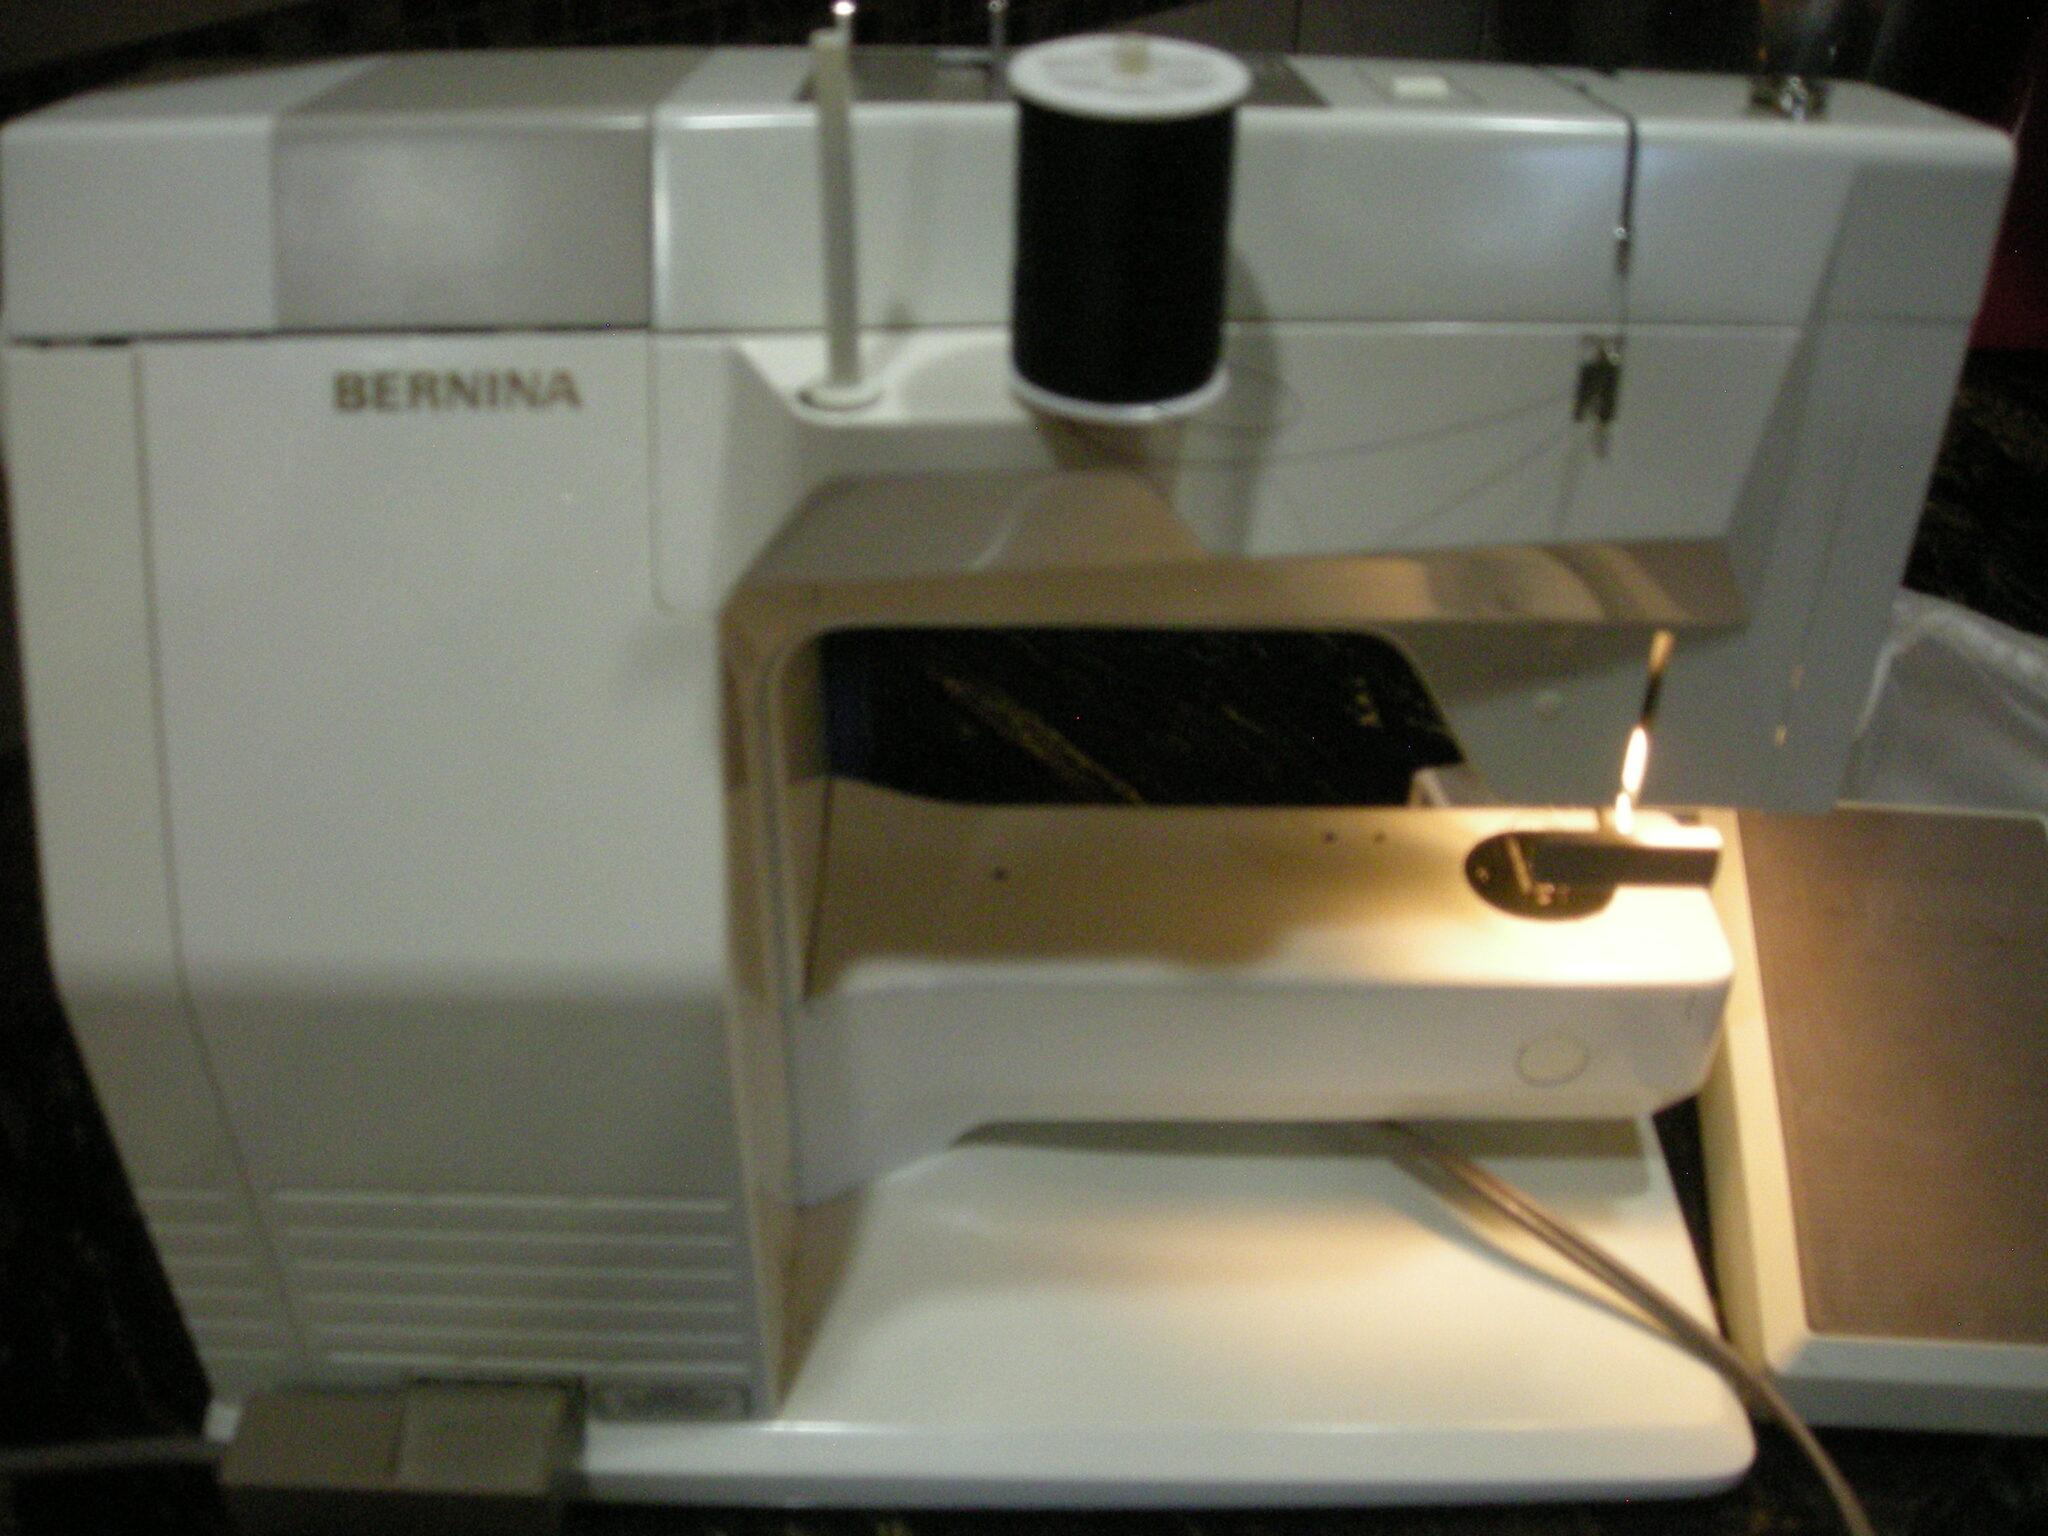 The 930 made when bernina was Bernina Record